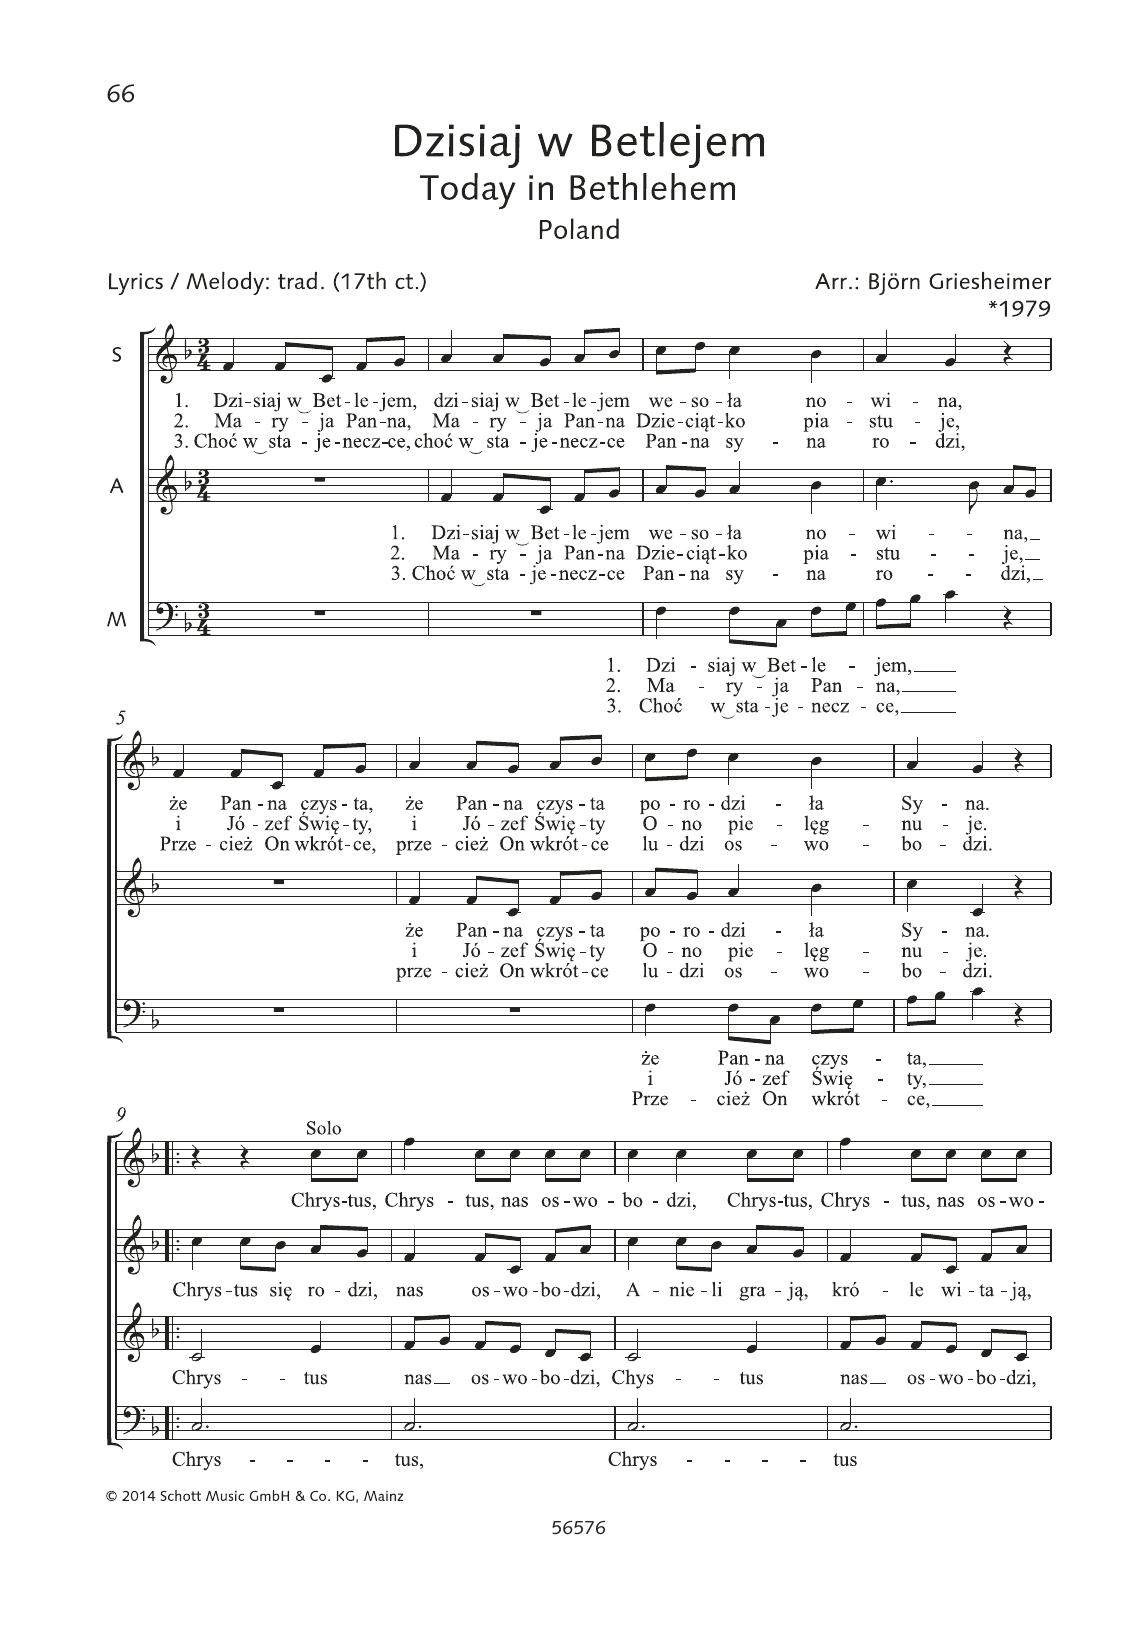 Dzisiaj w Betlejem Sheet Music